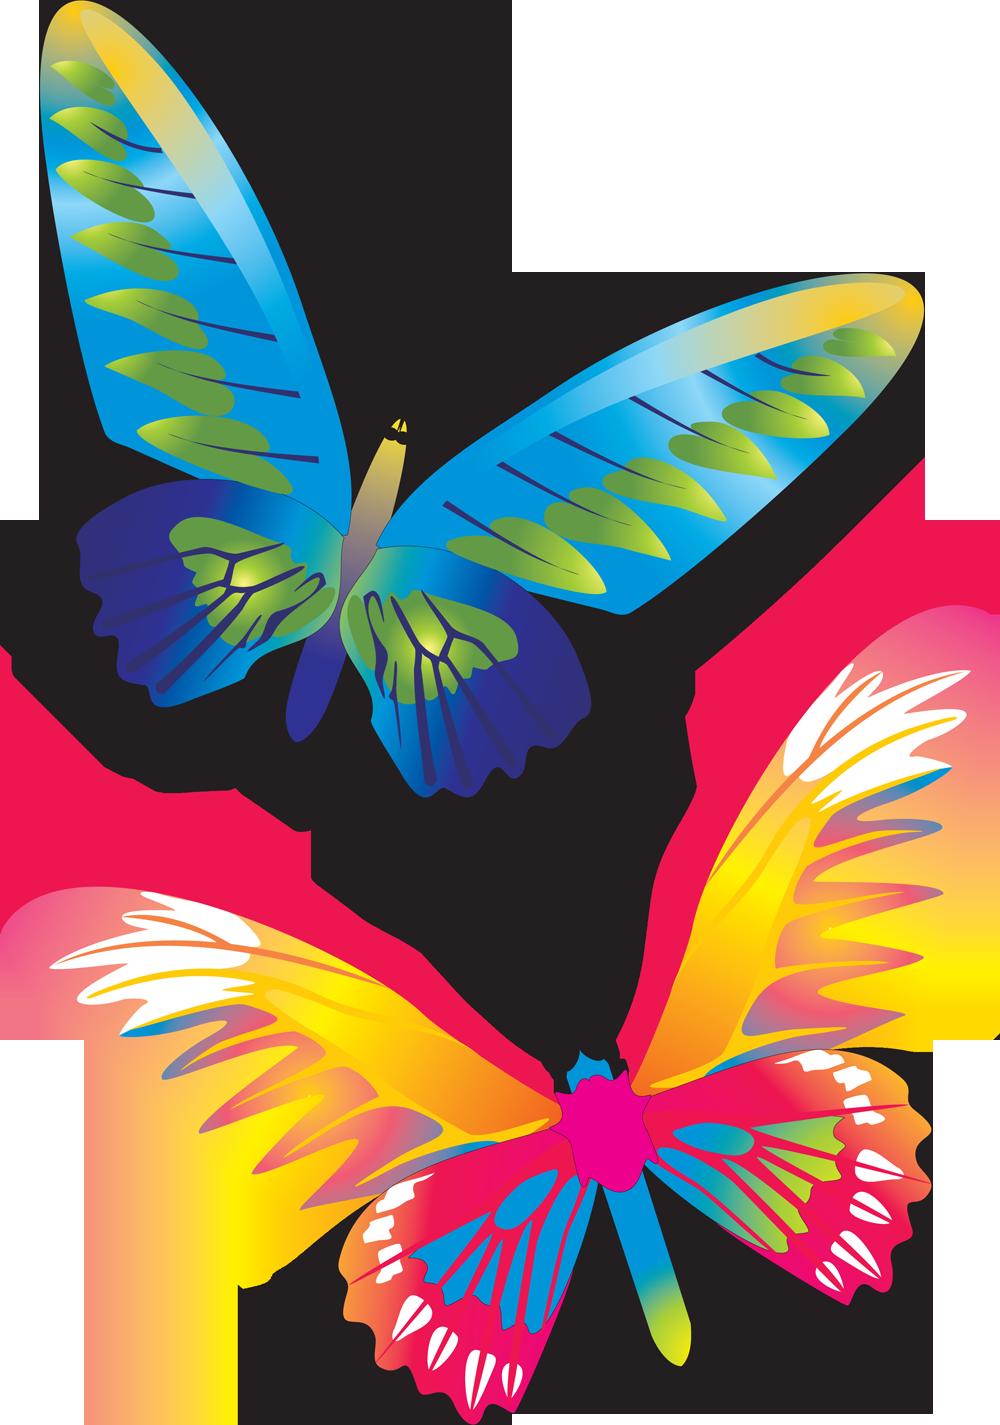 Надписями, бабочки картинки для оформления